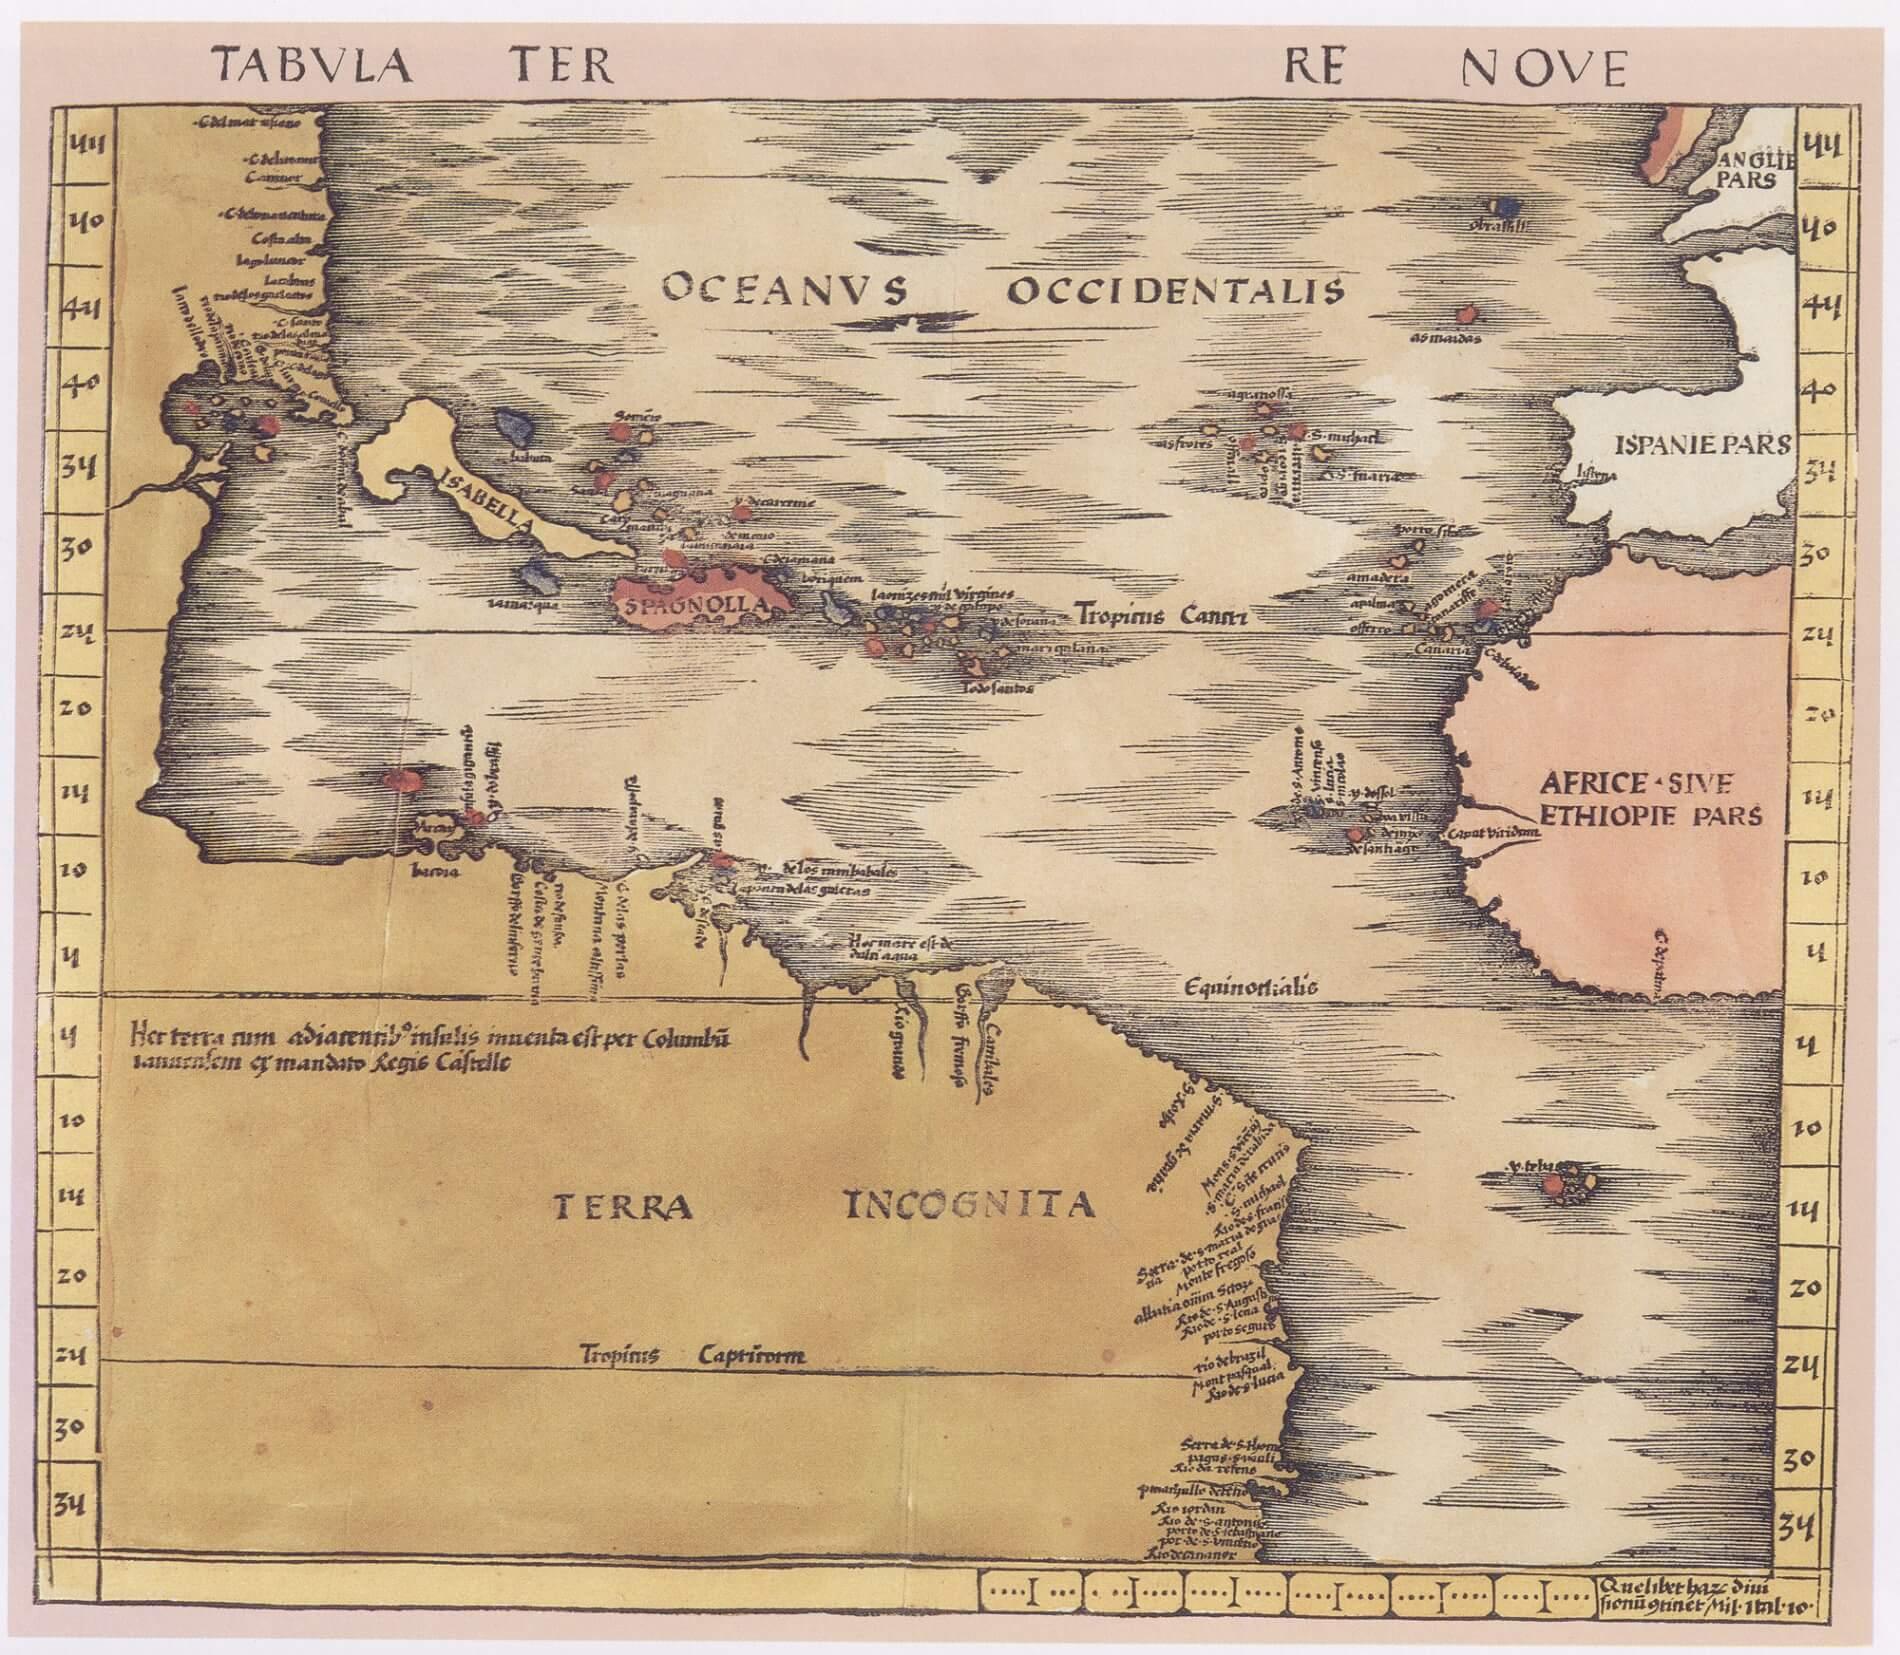 Tabula Terre Nove, un'antica carta geografica dedicata al Nuovo Mondo